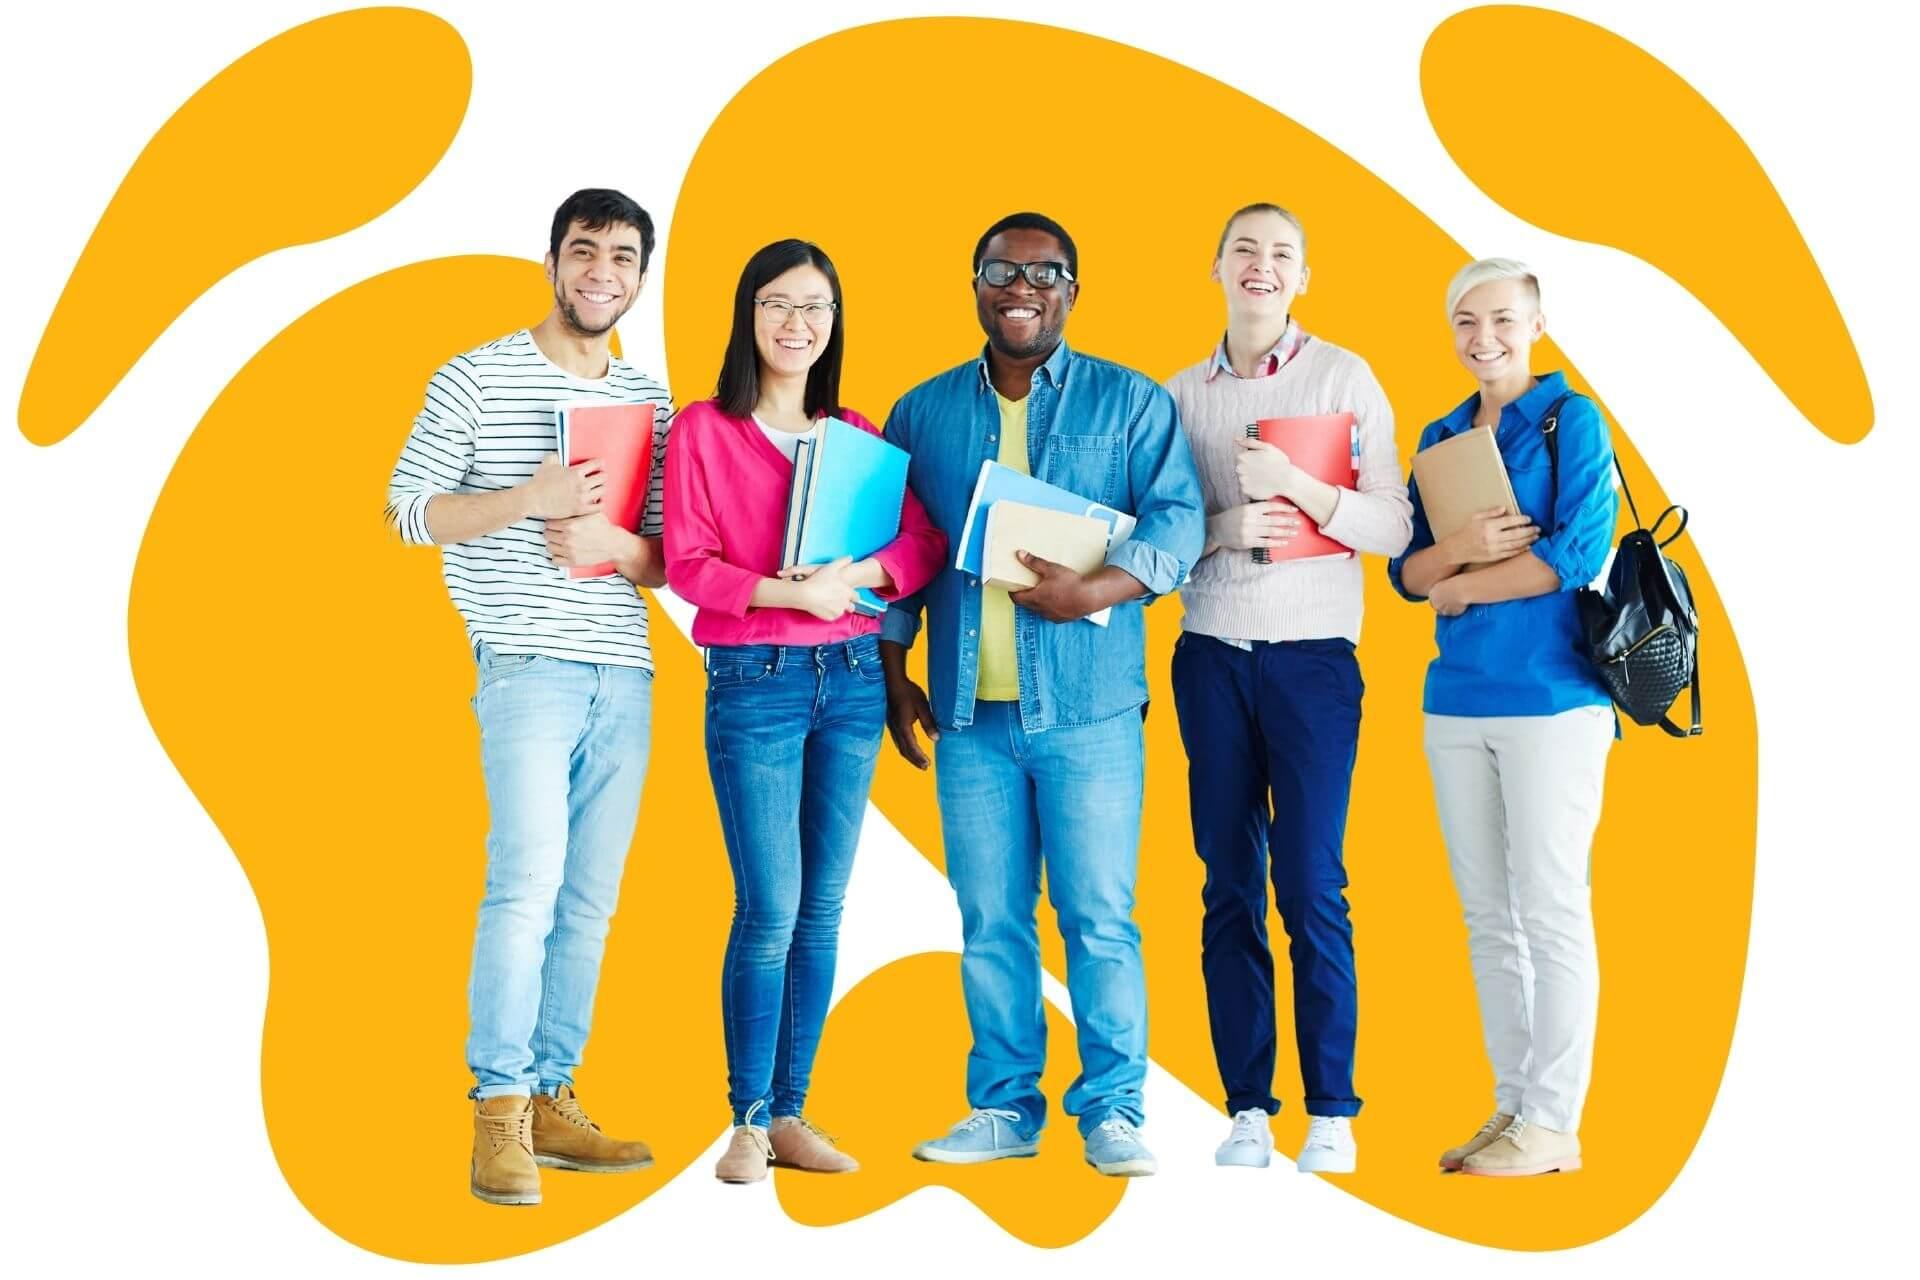 comment renforcer l'engagement des apprenants ?